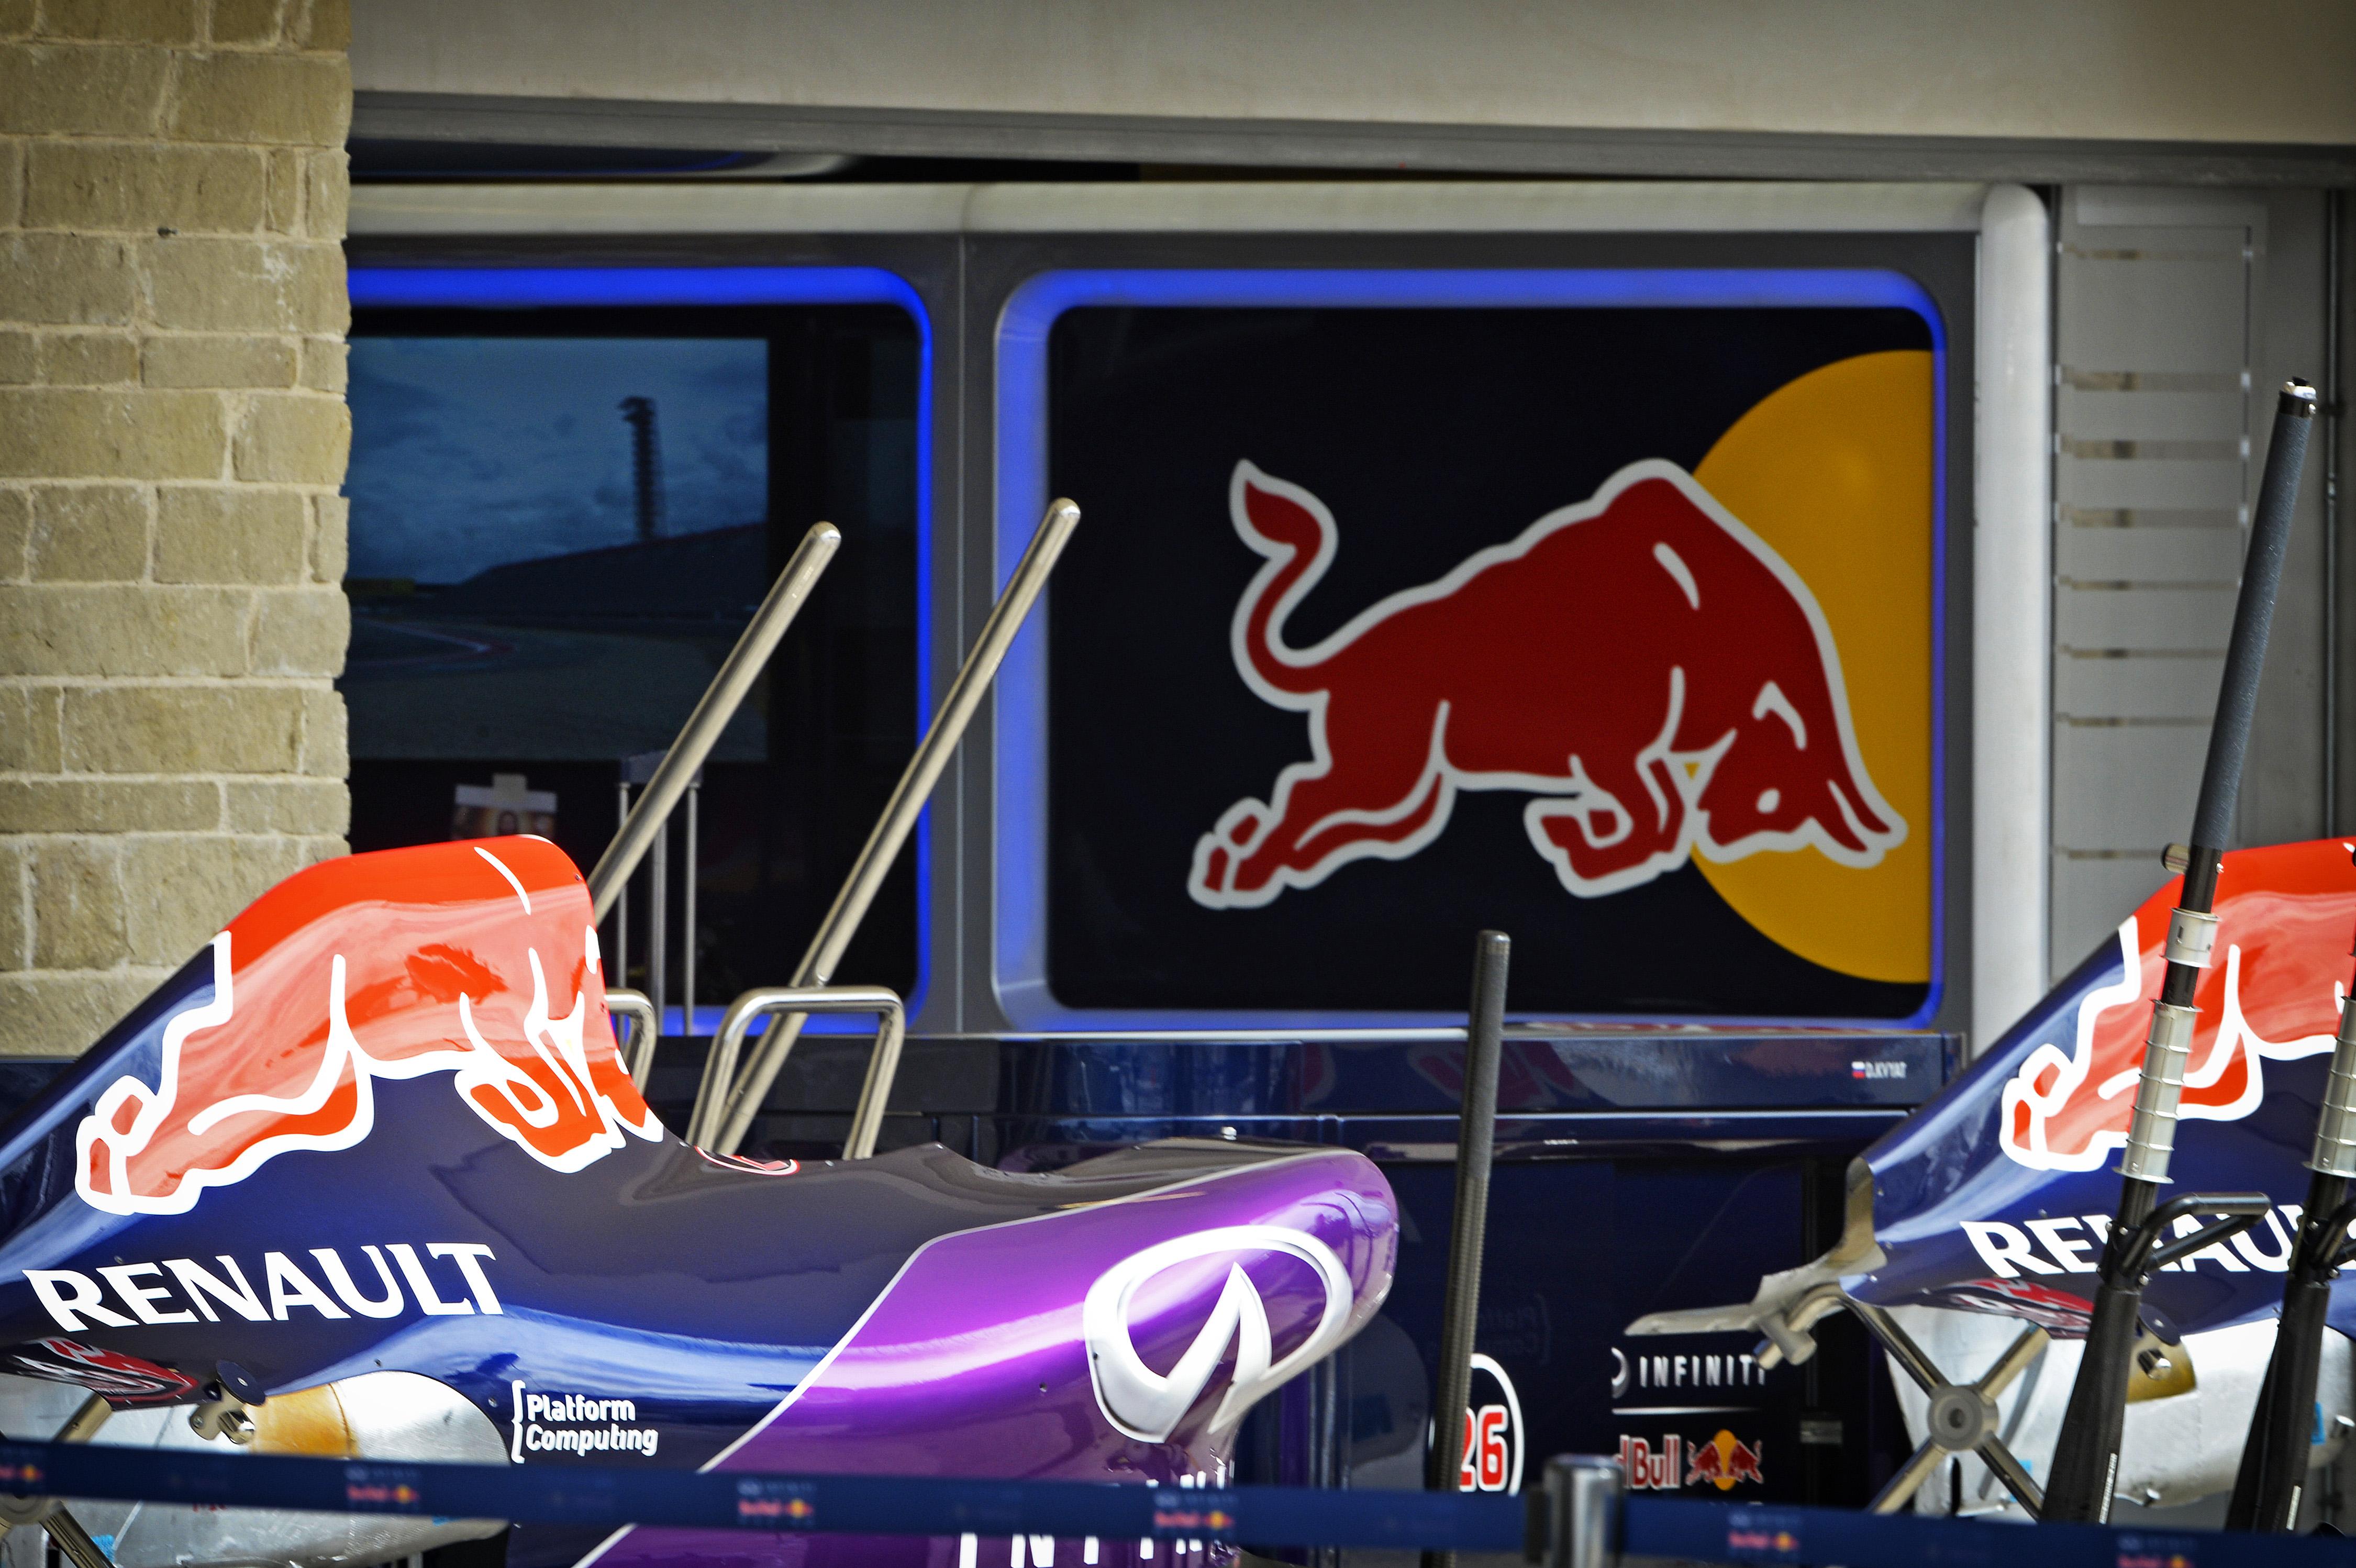 Red Bull és Honda?! Eddig minden gyártóval szóba hozták őket, szóval 25 százalék az esély rá